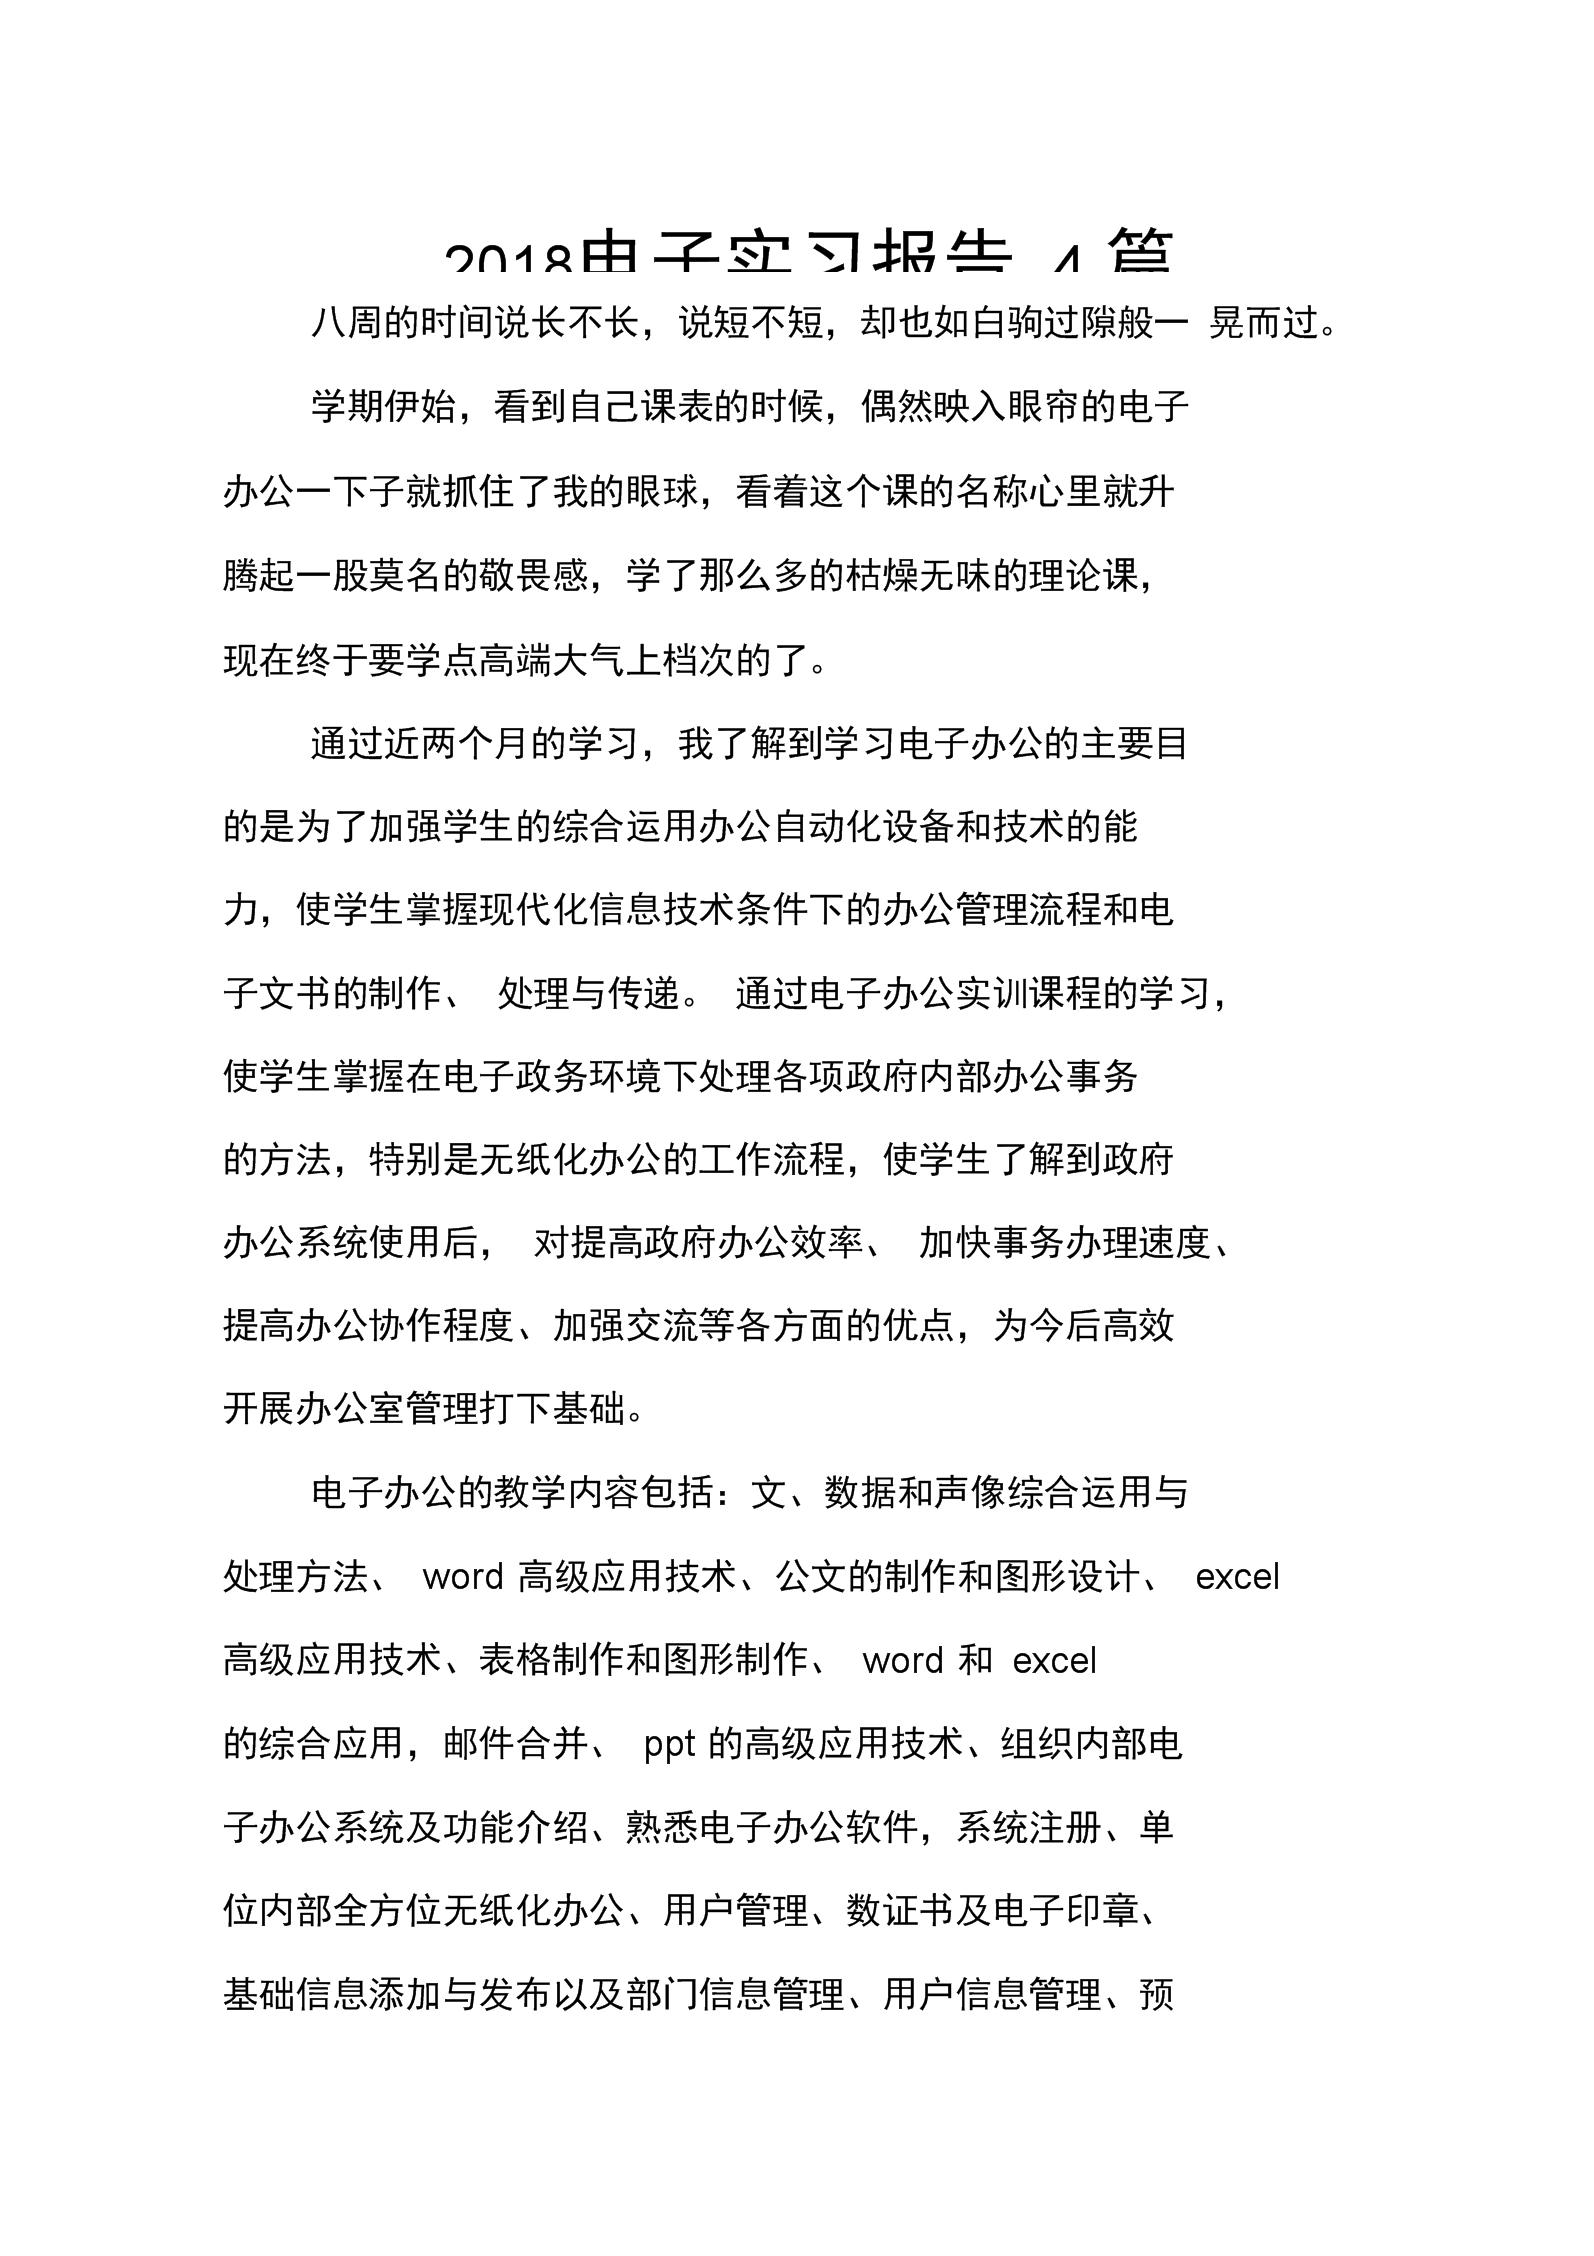 2018电子实习报告4篇.docx